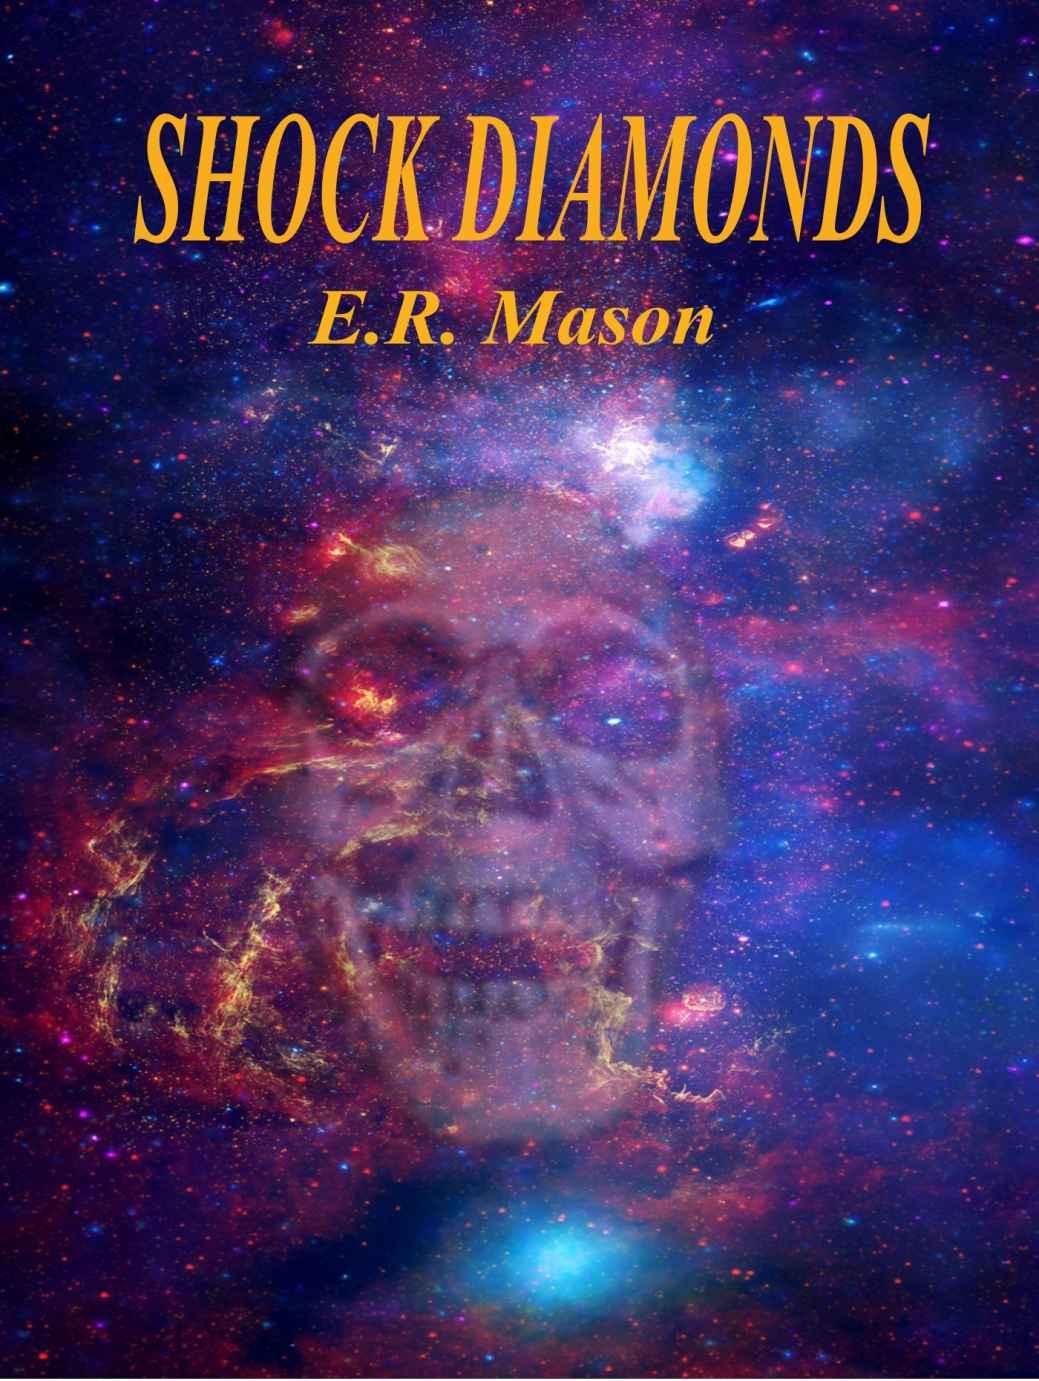 Shock Diamond - E. R. Mason